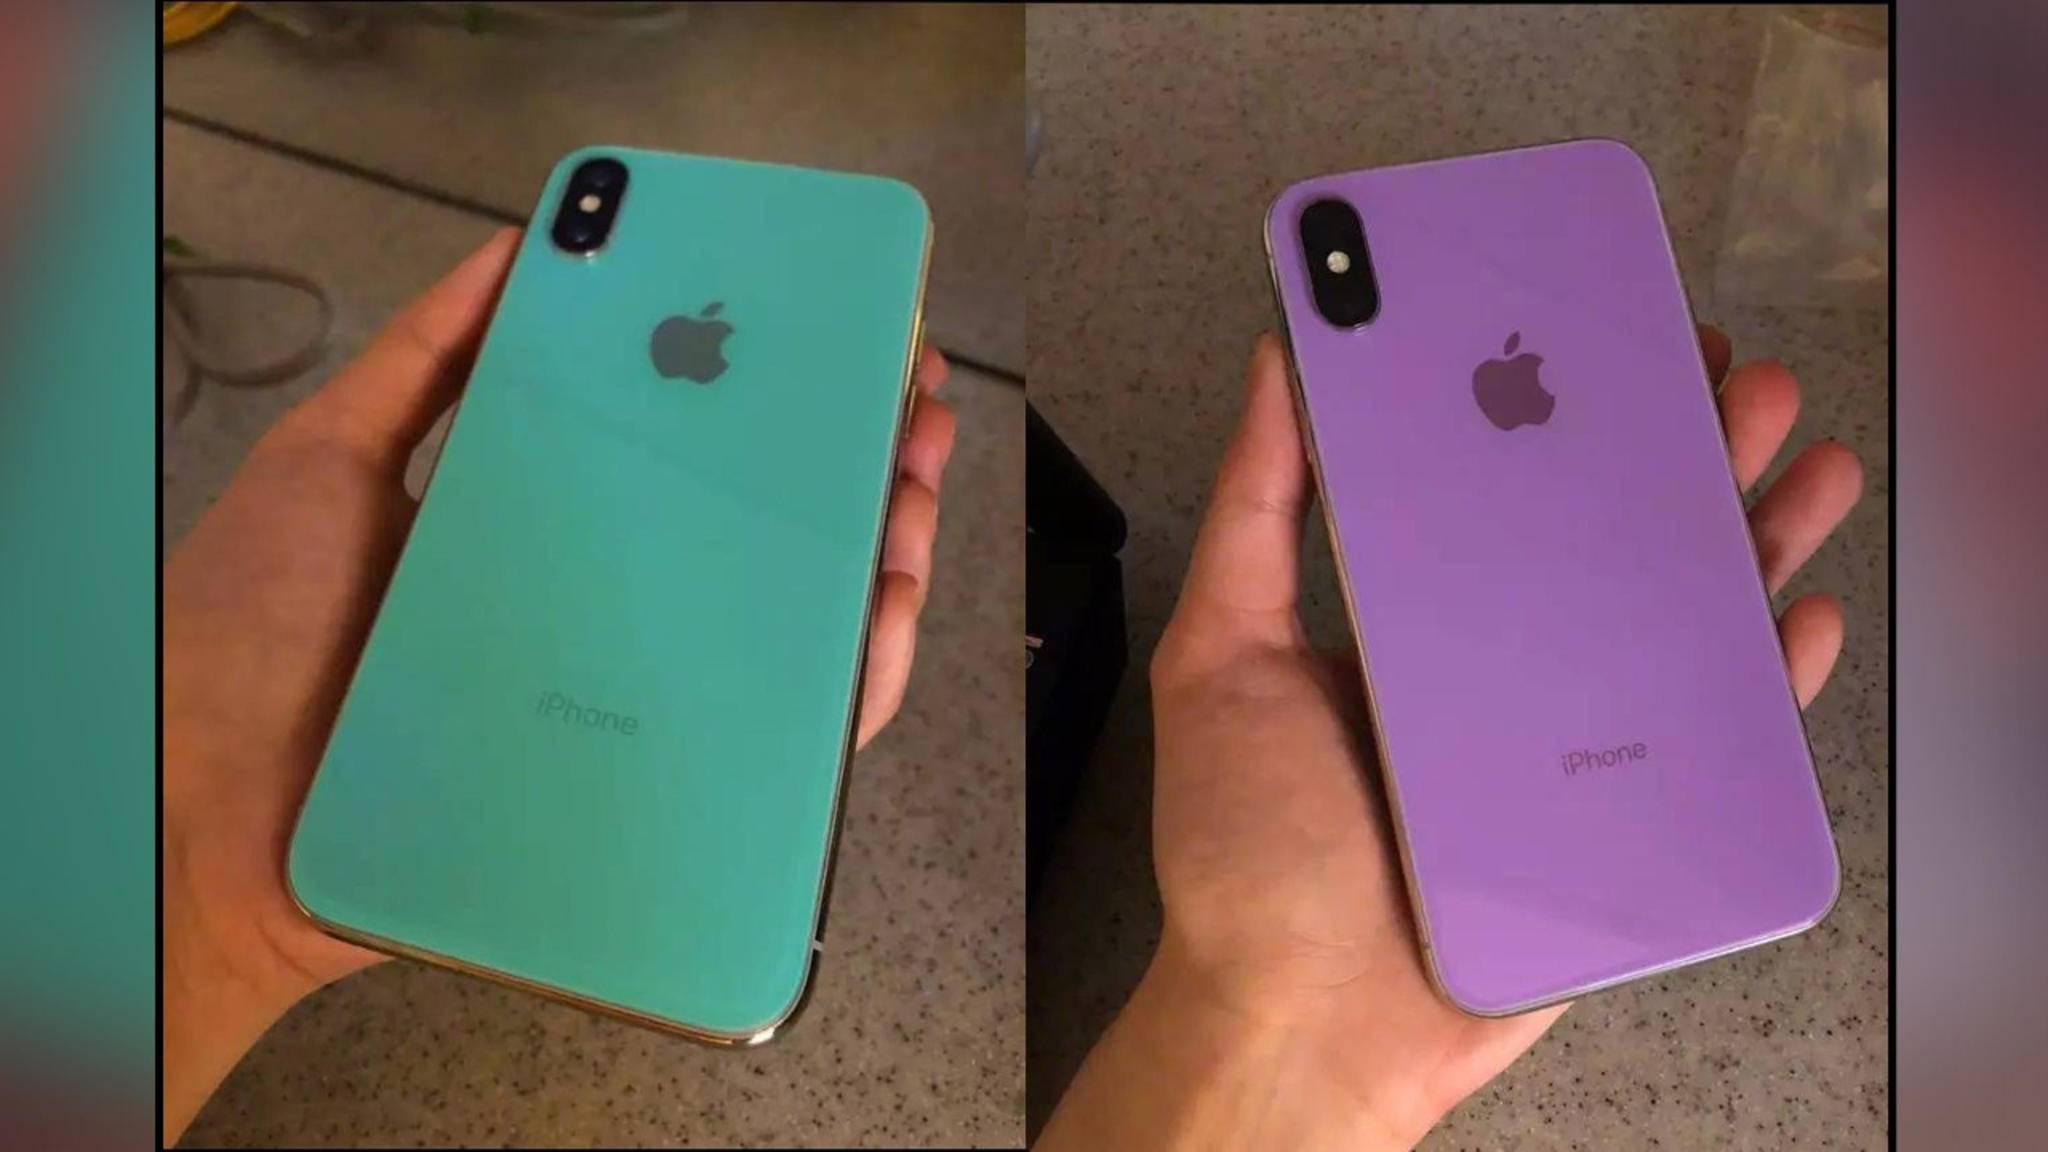 Sehen wir hier tatsächlich den ersten Leak zum iPhone X (2018)?